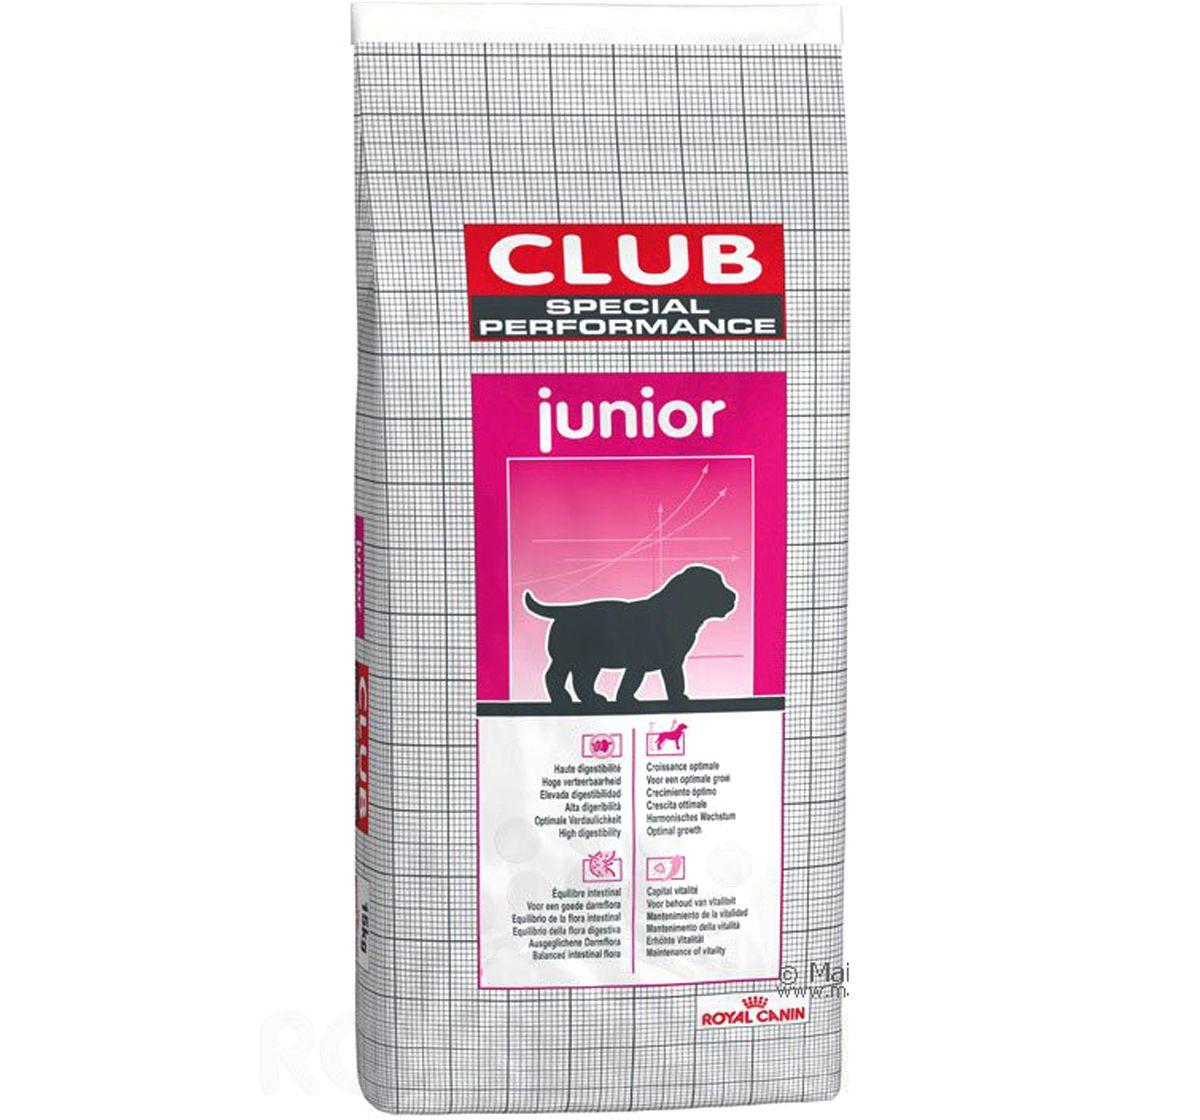 Royal Canin Club Pro Junior 20 Kg Royal Canin Club Dog Food